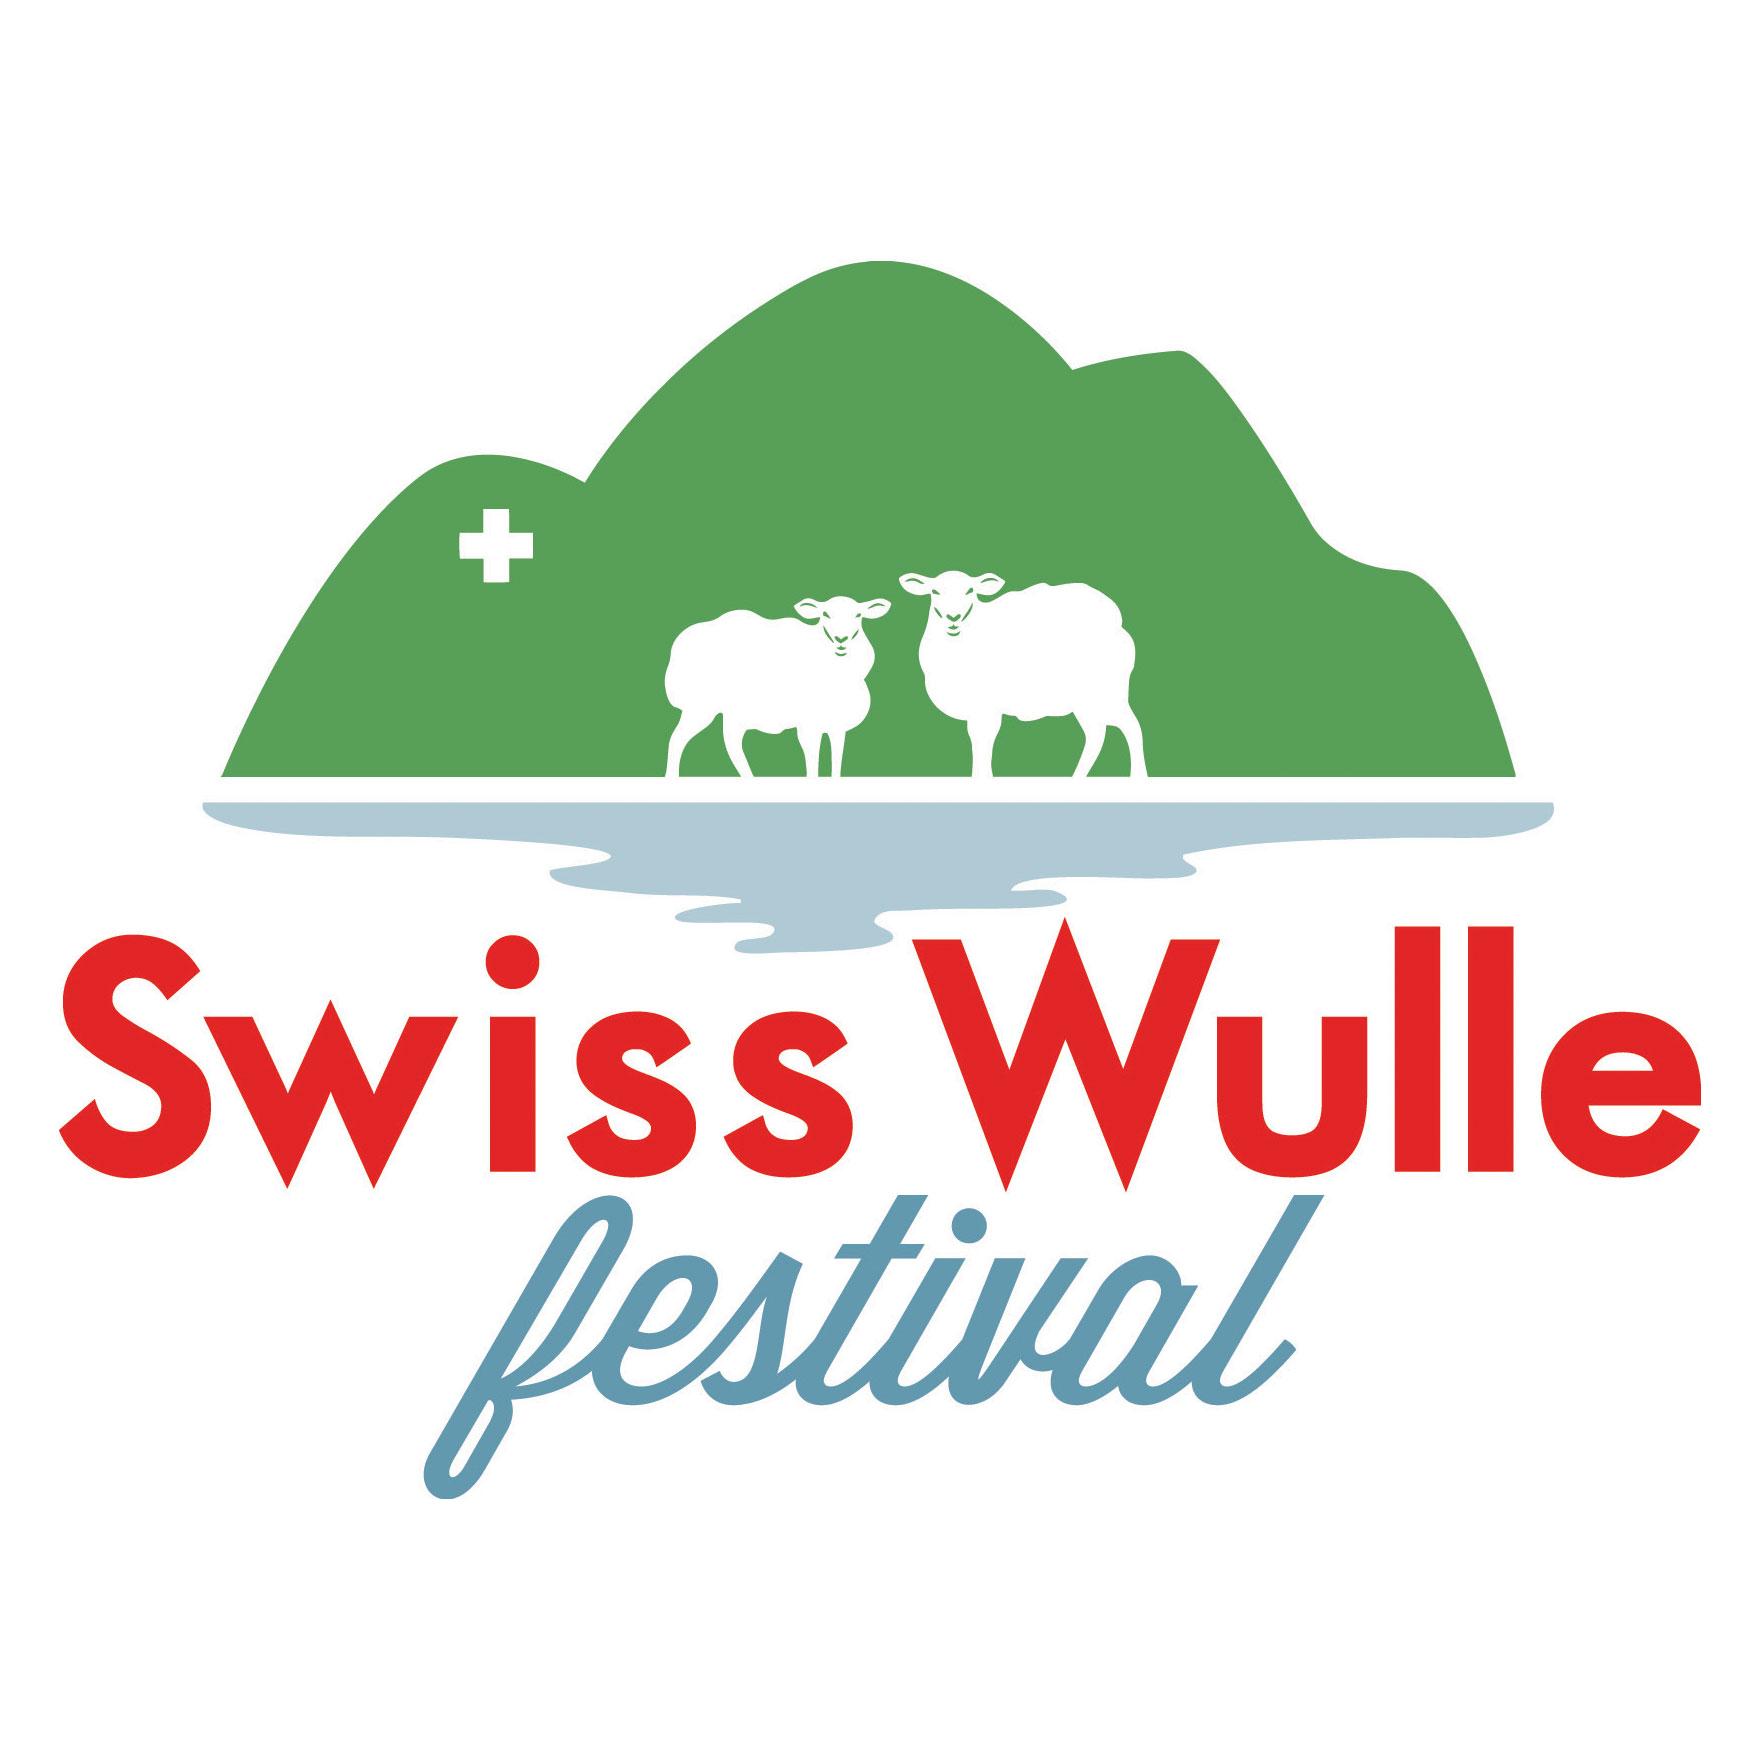 Swiss Wulle Festival